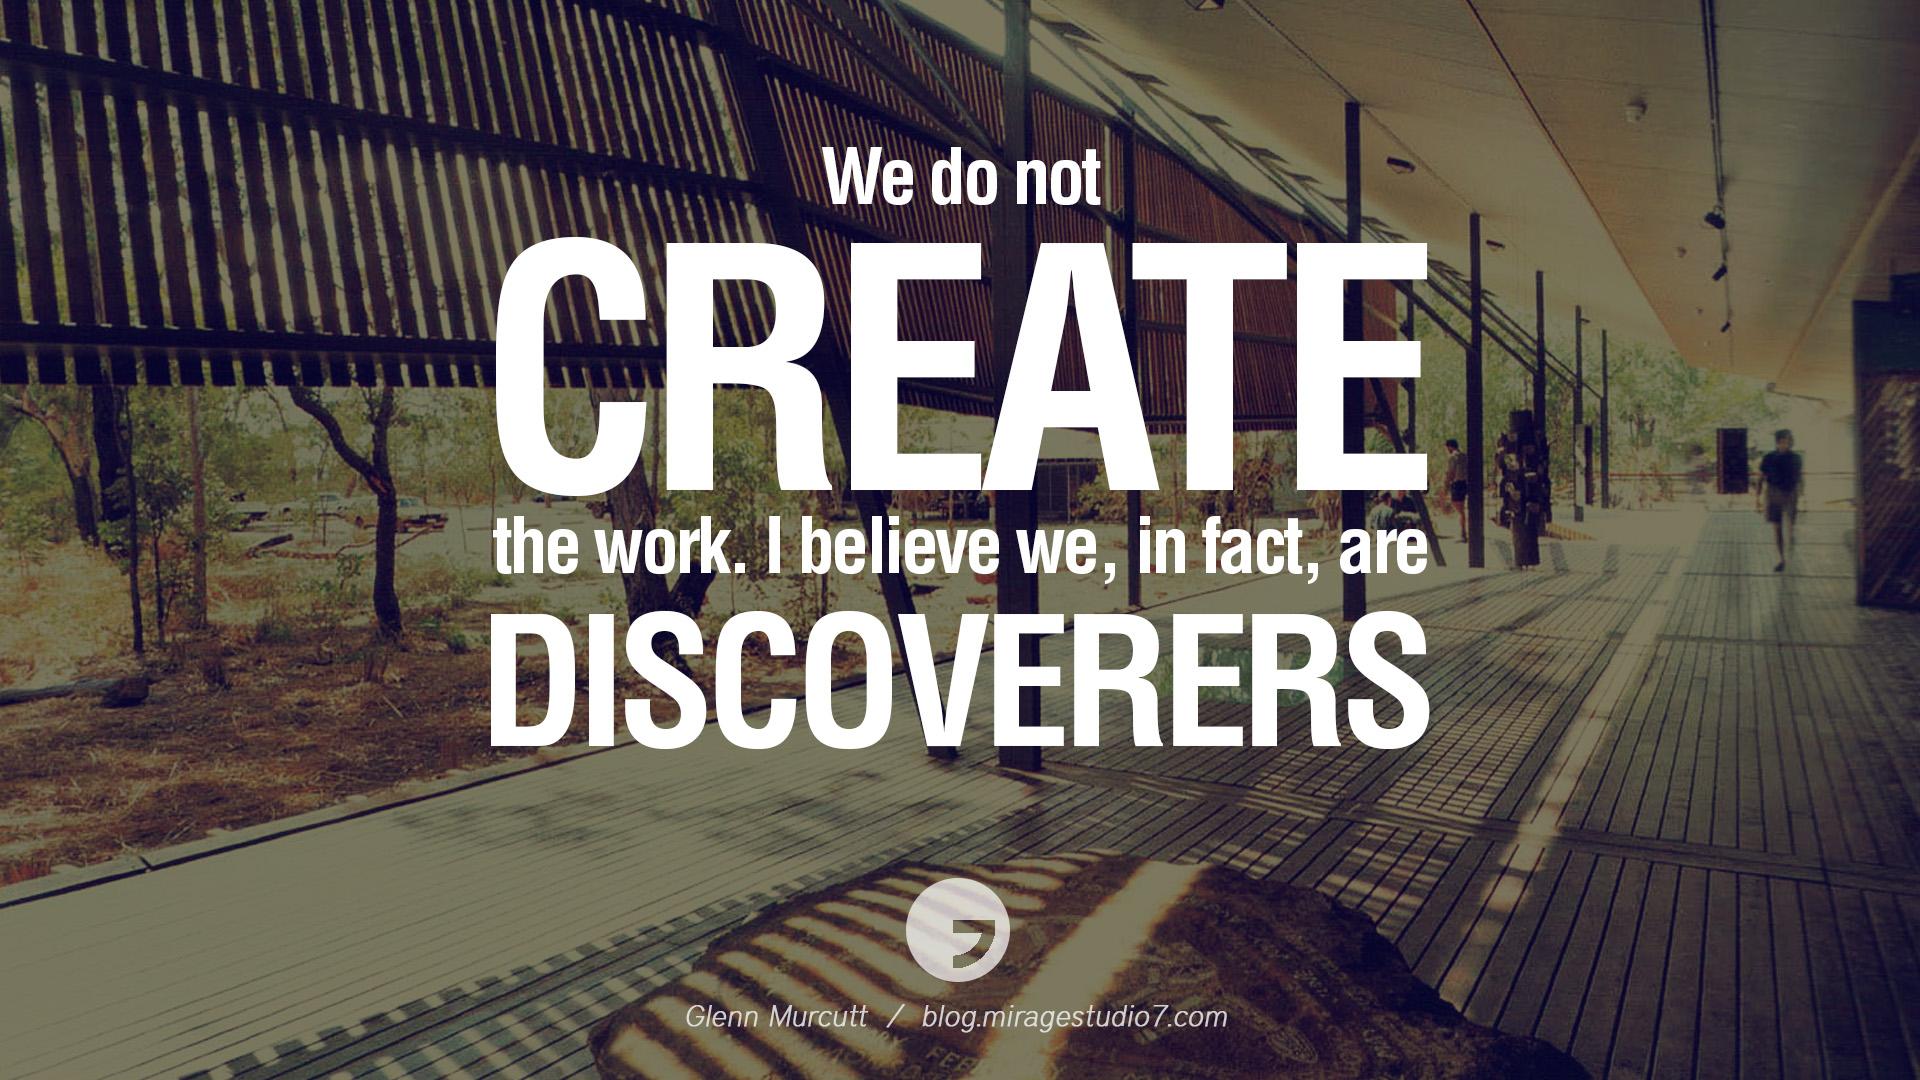 quotes architecture famous inspirational architects designers interior architect quotesgram miragestudio7 ui